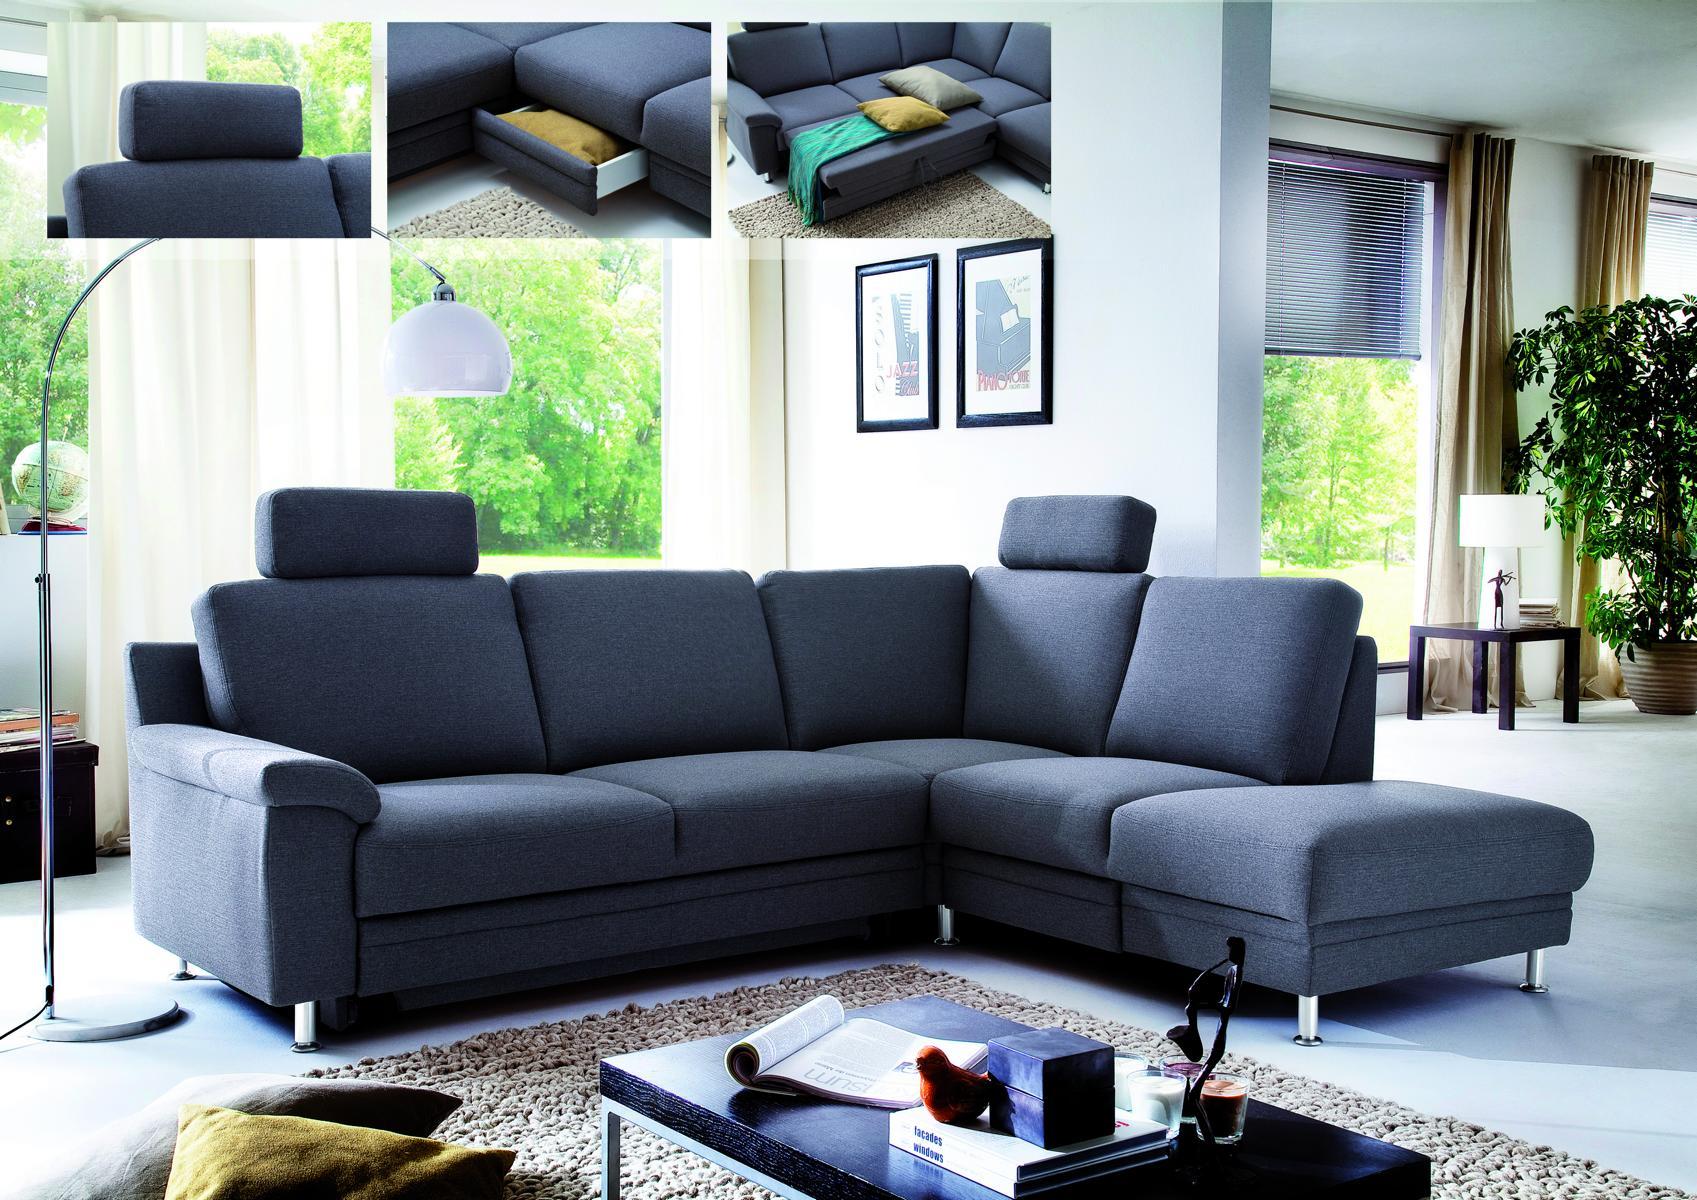 polstergarnitur mit bettfunktion und stauraum ausziehsofa schlafsofa ebay. Black Bedroom Furniture Sets. Home Design Ideas